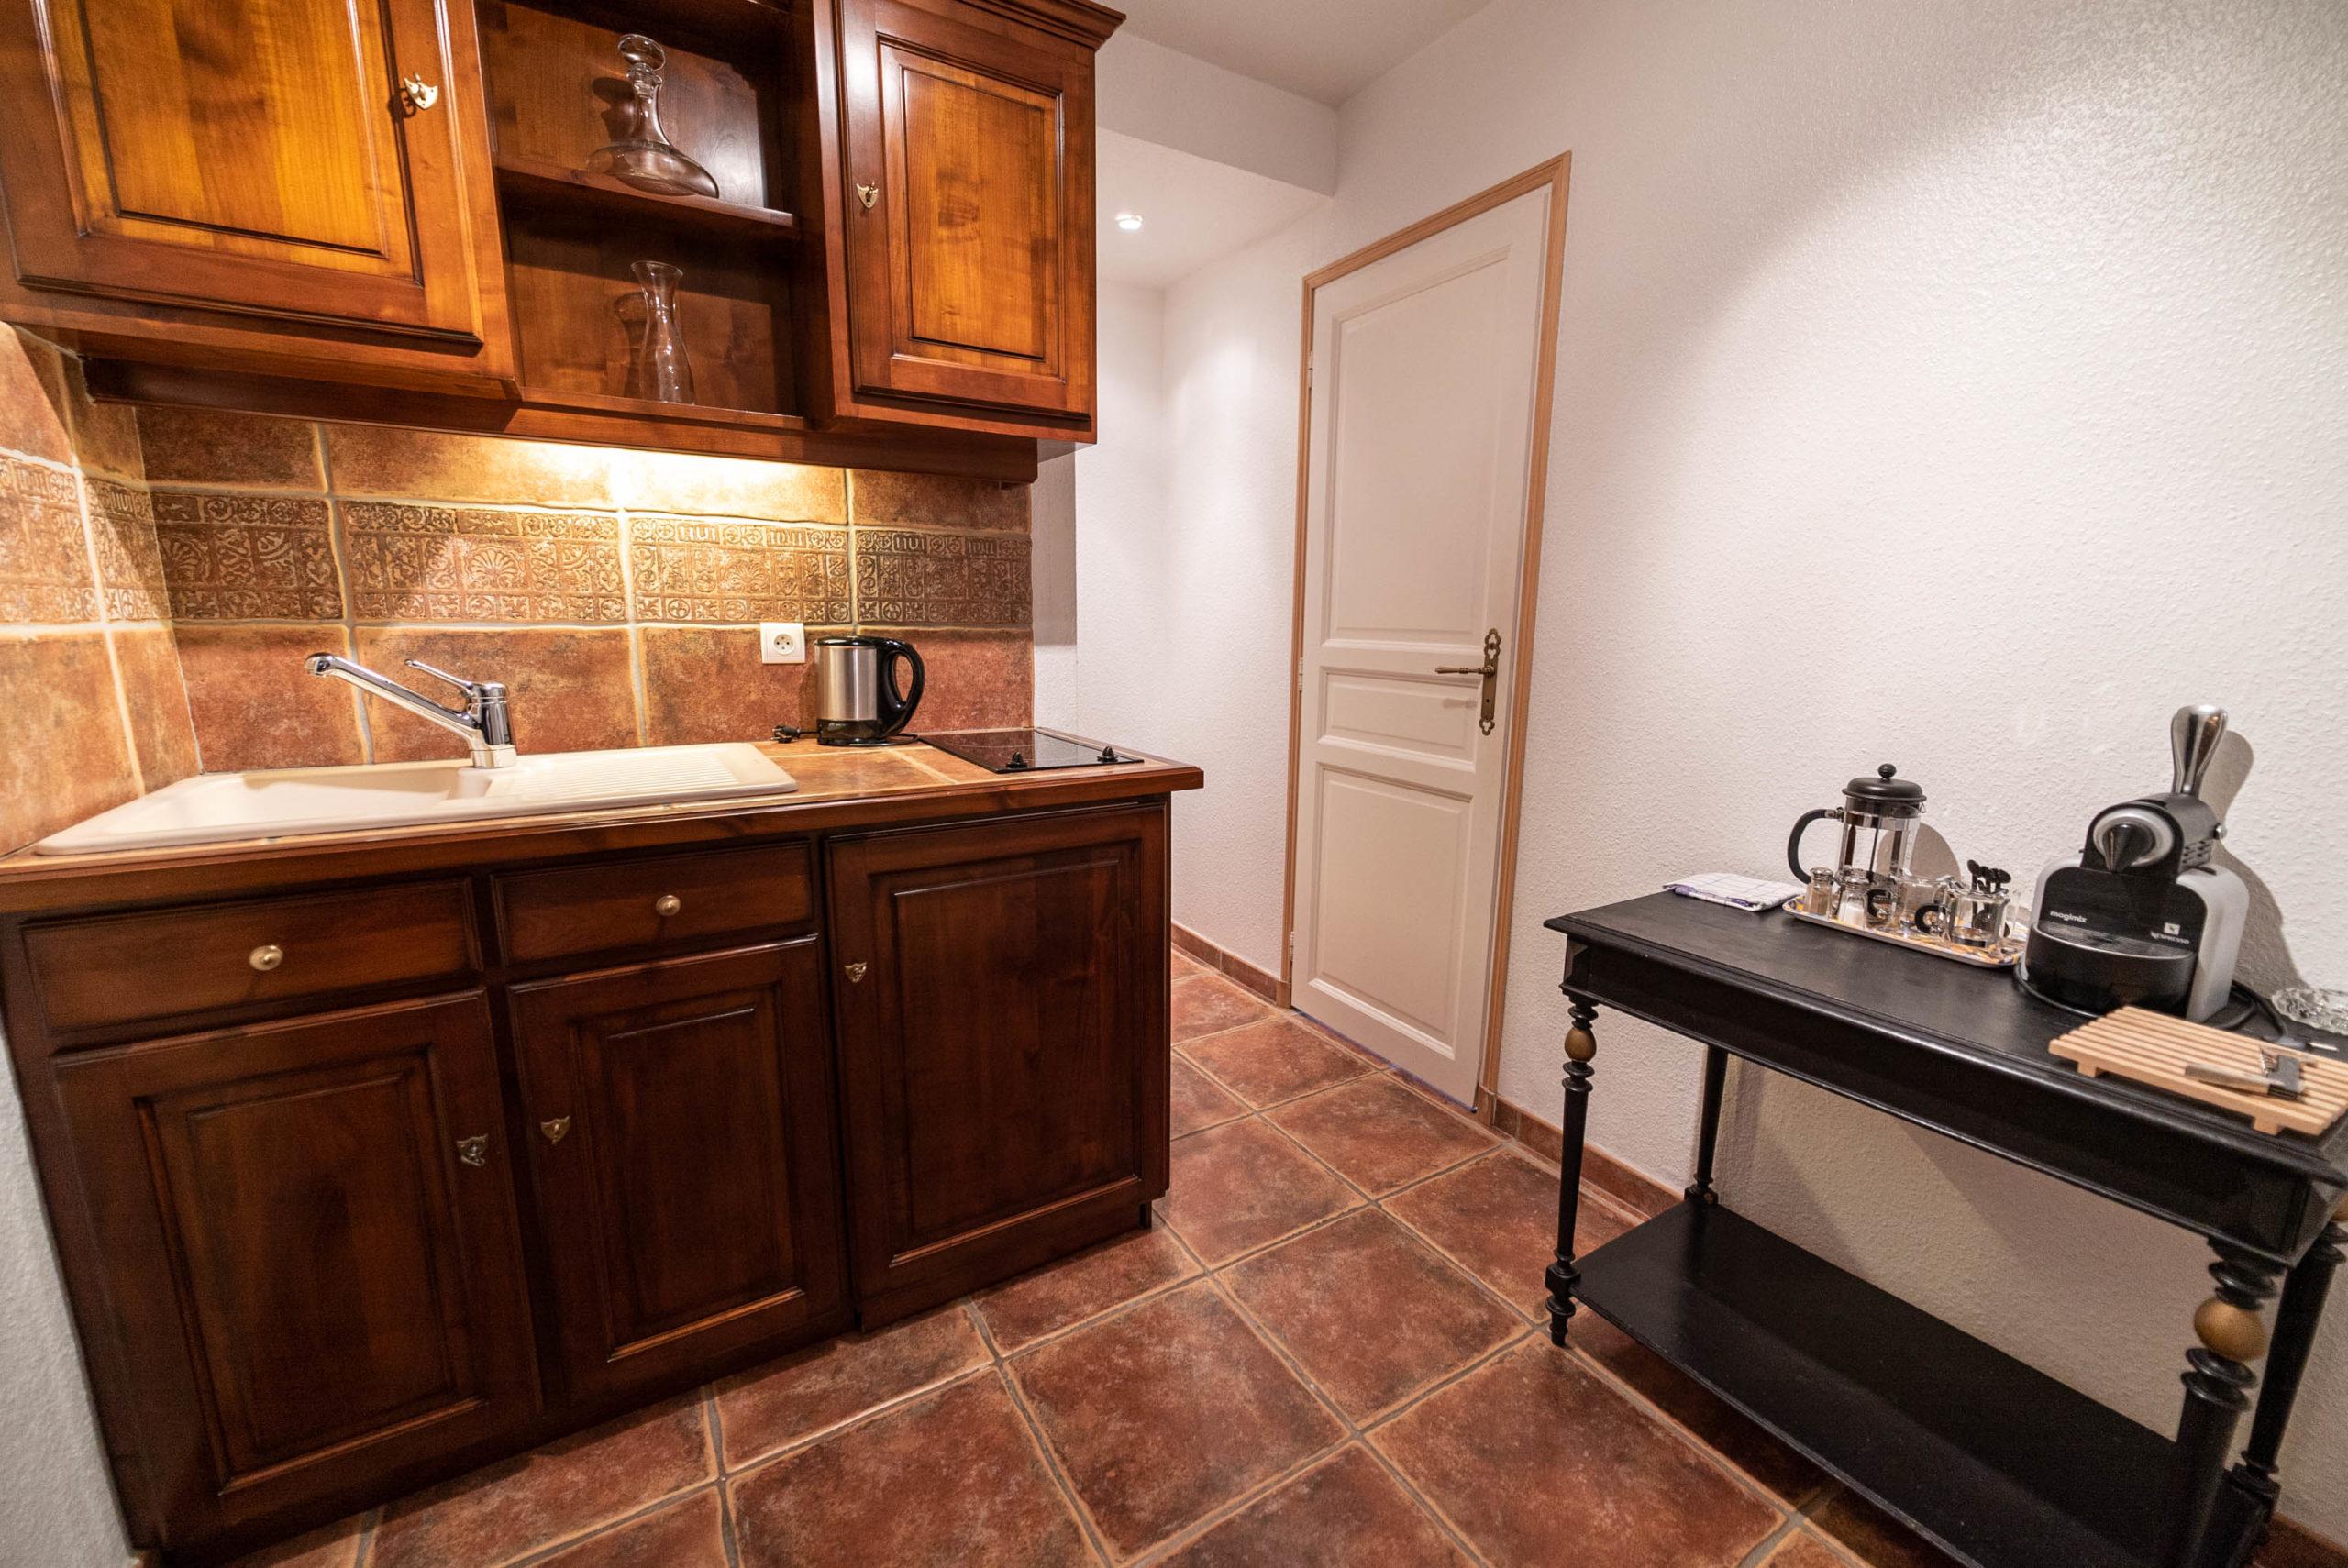 Suite du marquis Cuisine chateau Rauly location bergerac Monbazillac